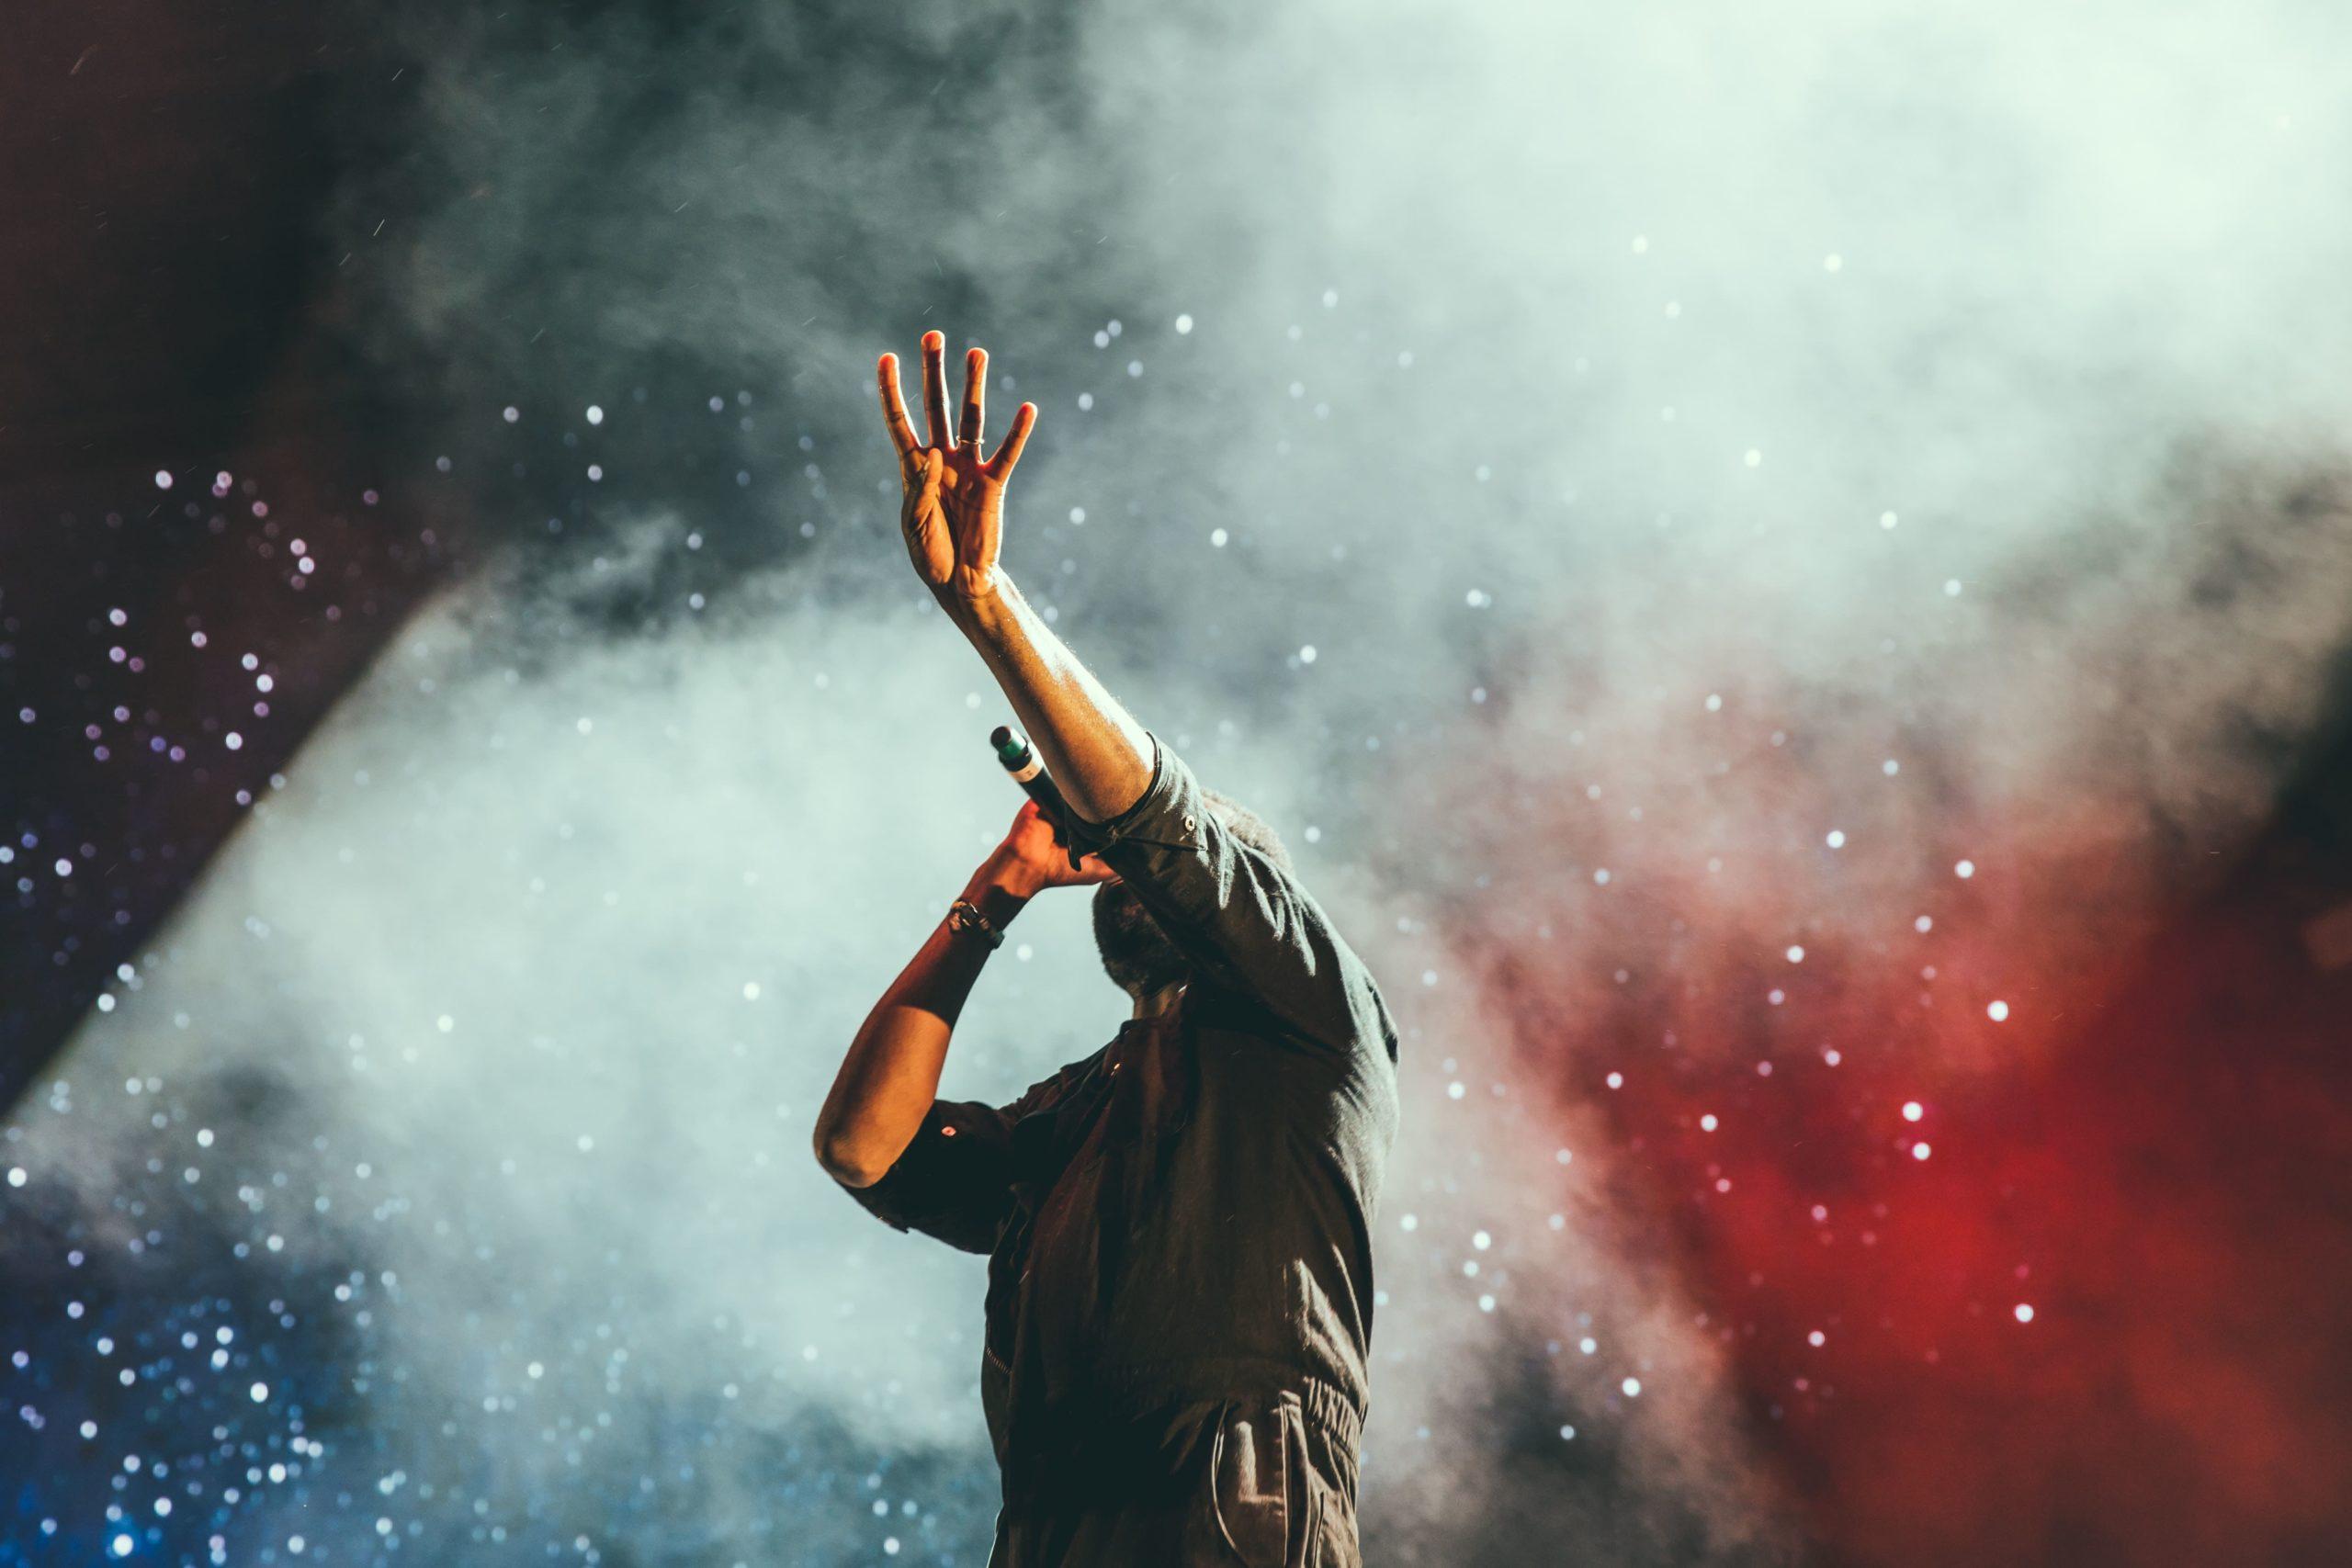 紅白2020|SixTONES(ストーンズ)の出演時間と曲目!つ?見逃しネット配信も